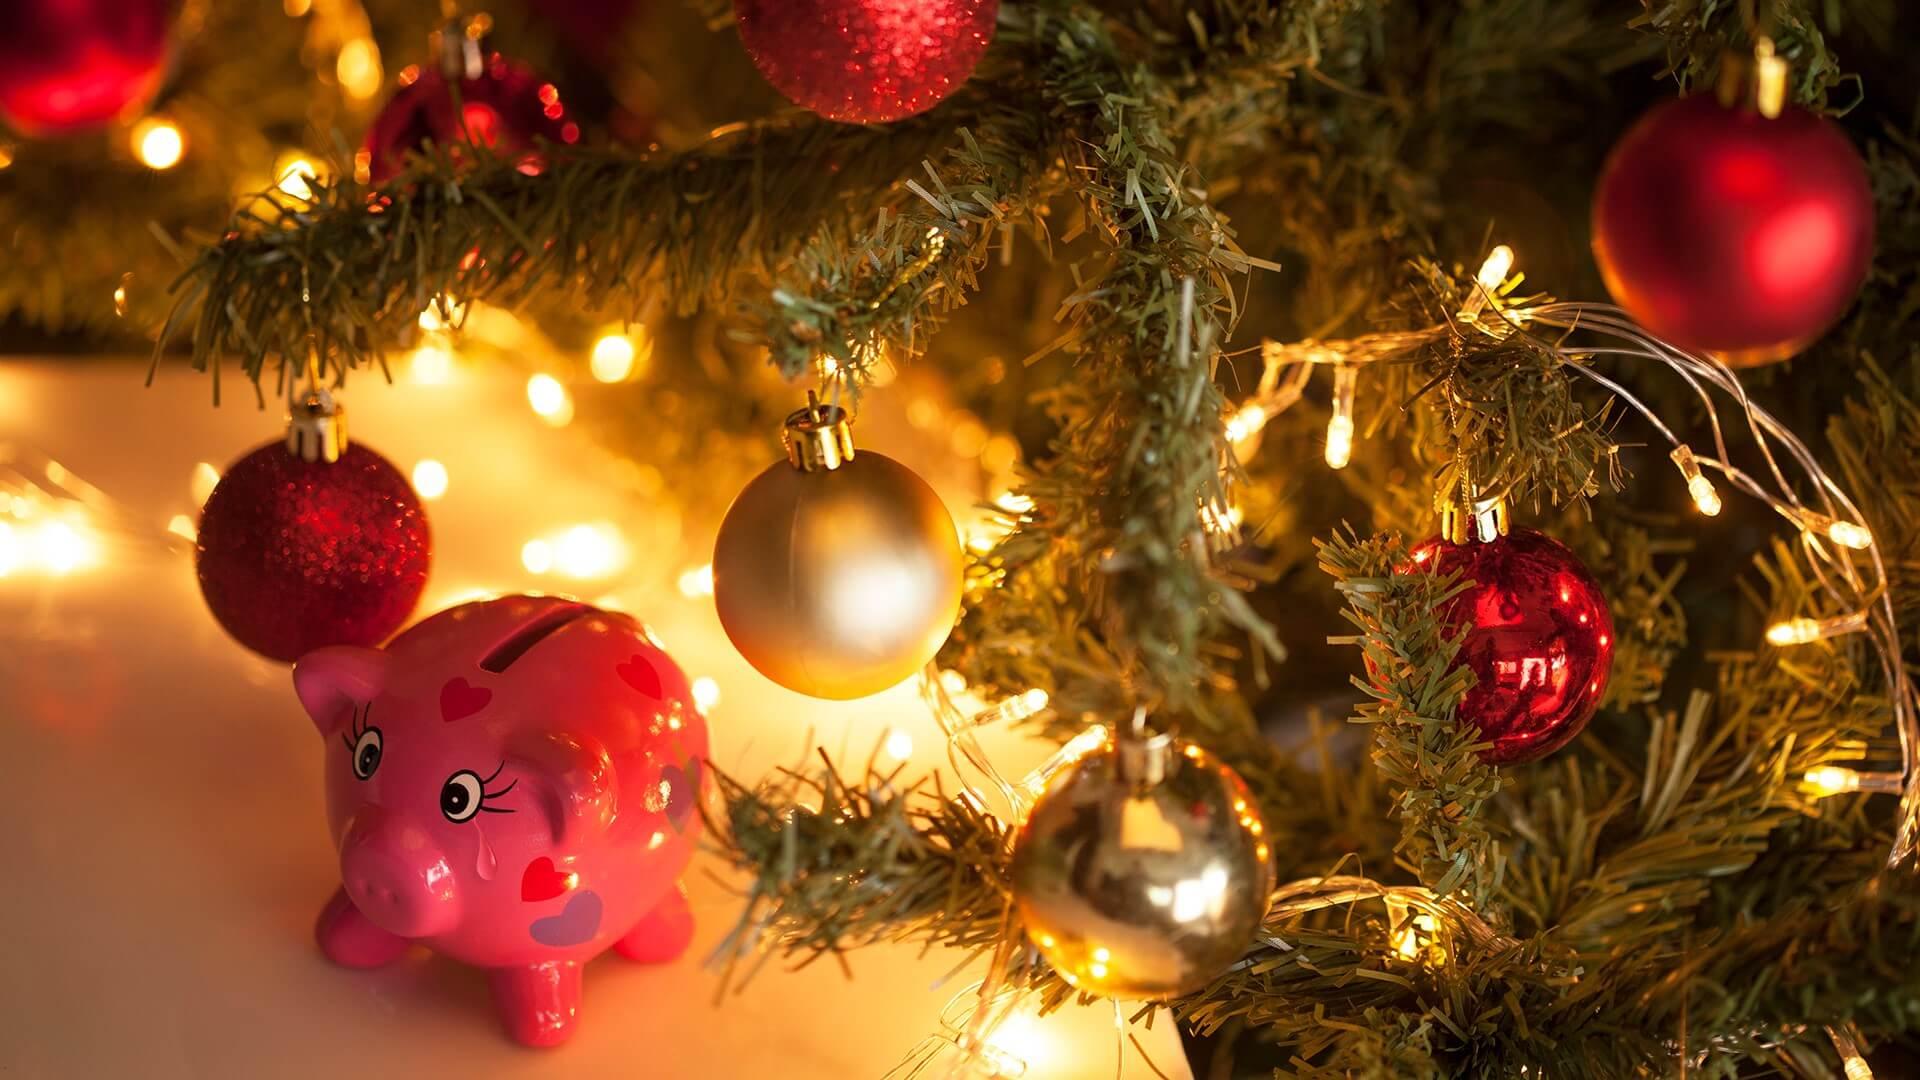 Скачать бесплатно картинки на рабочий стол Новый год свиньи 7